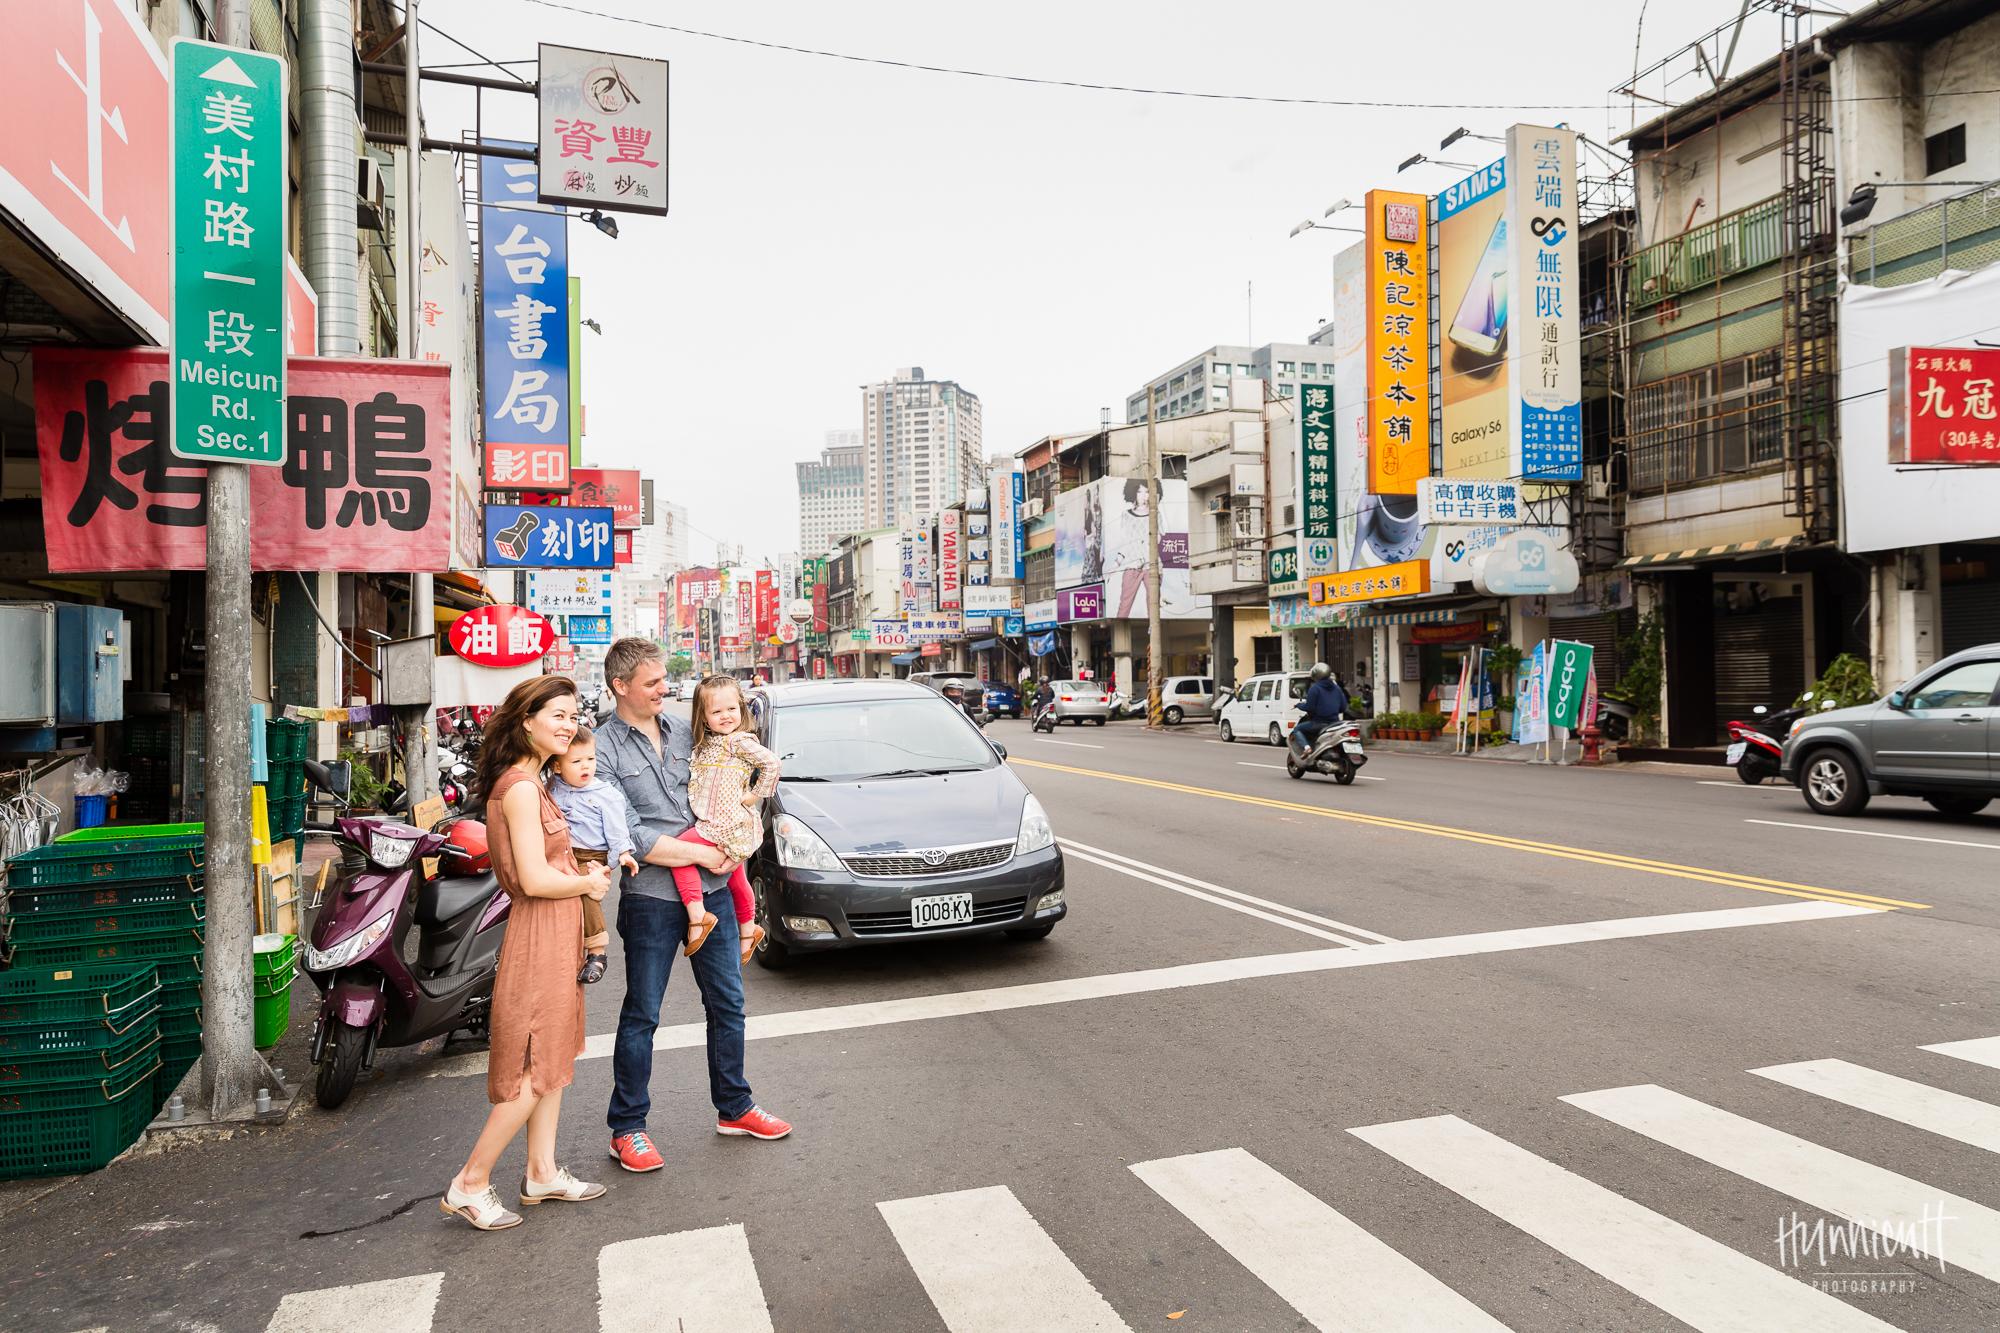 Taiwan-Urban-Lifestle-Duck-Family-HunnicuttPHotography-27